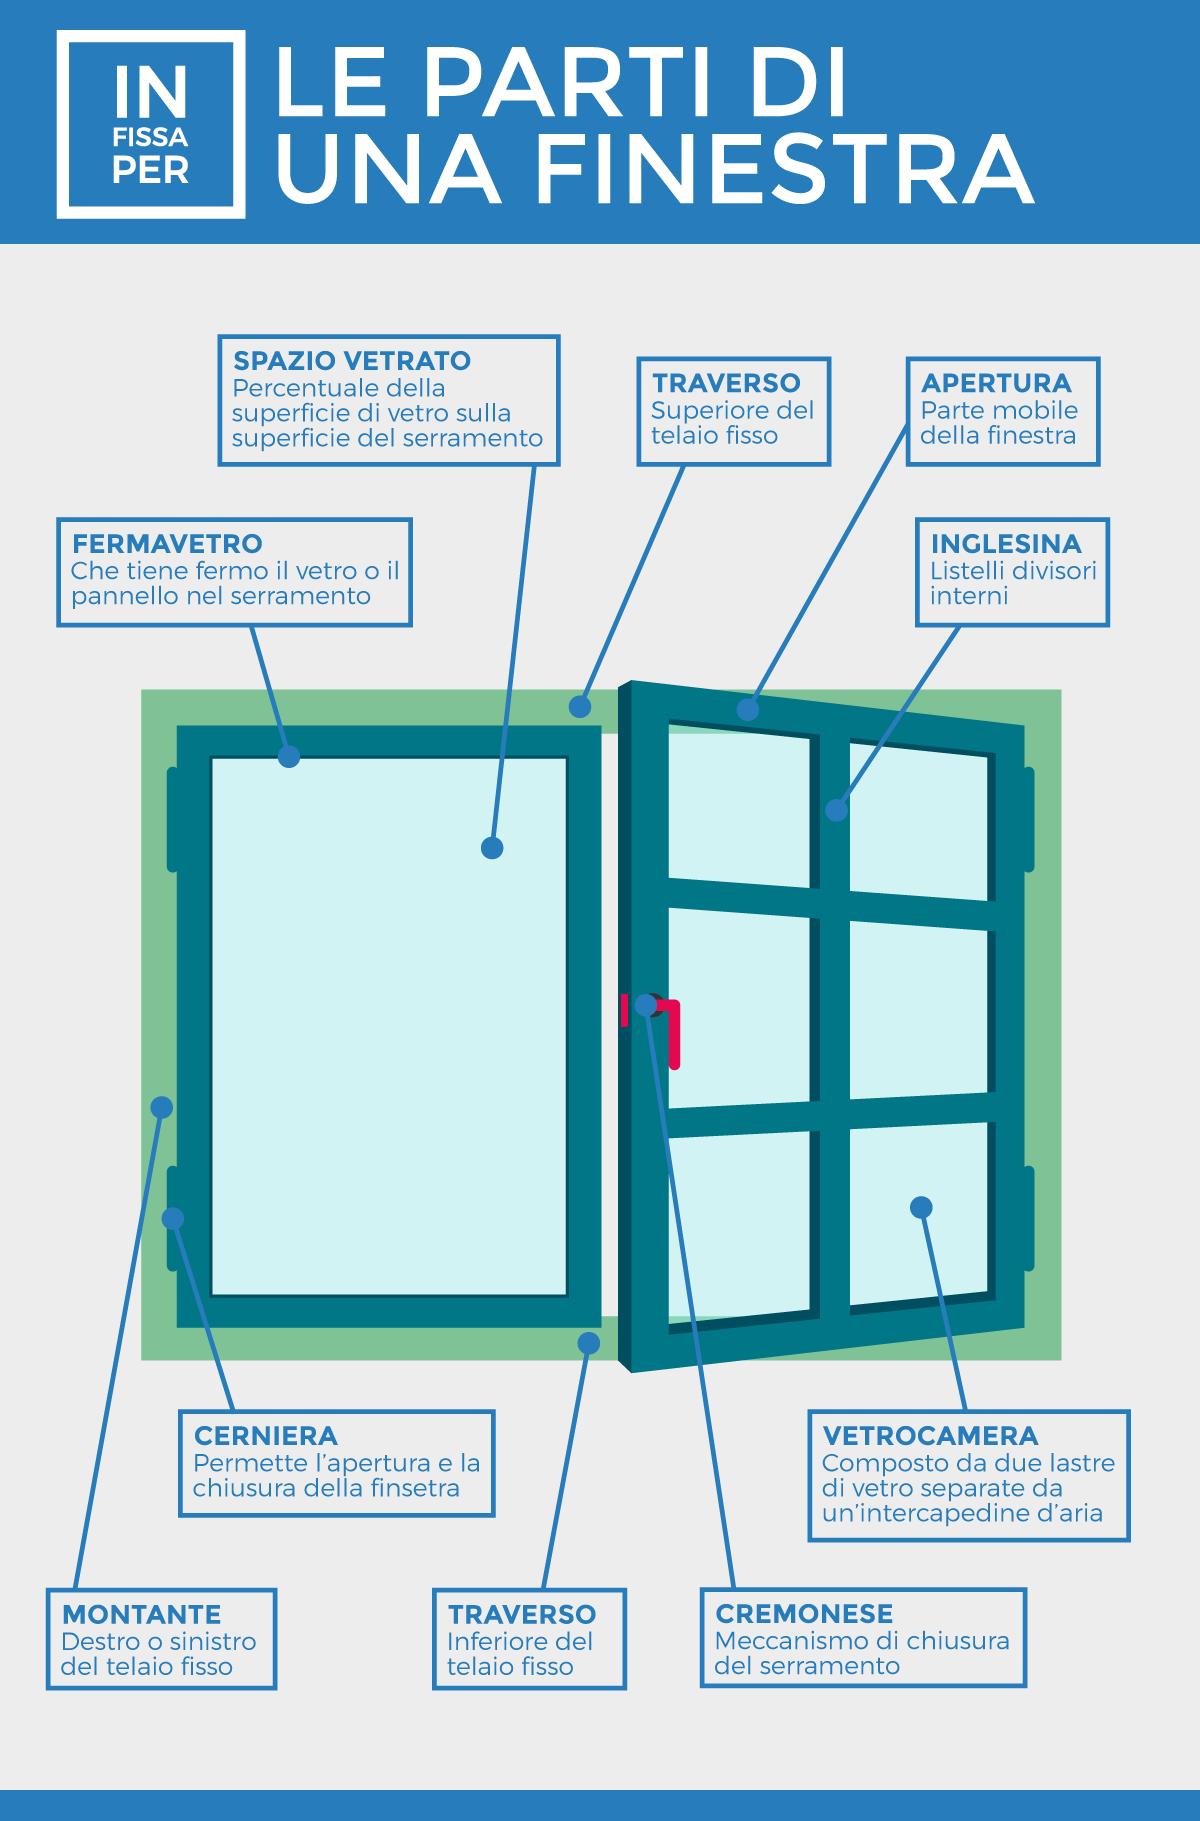 tutte le componenti di una finestra in fissa per